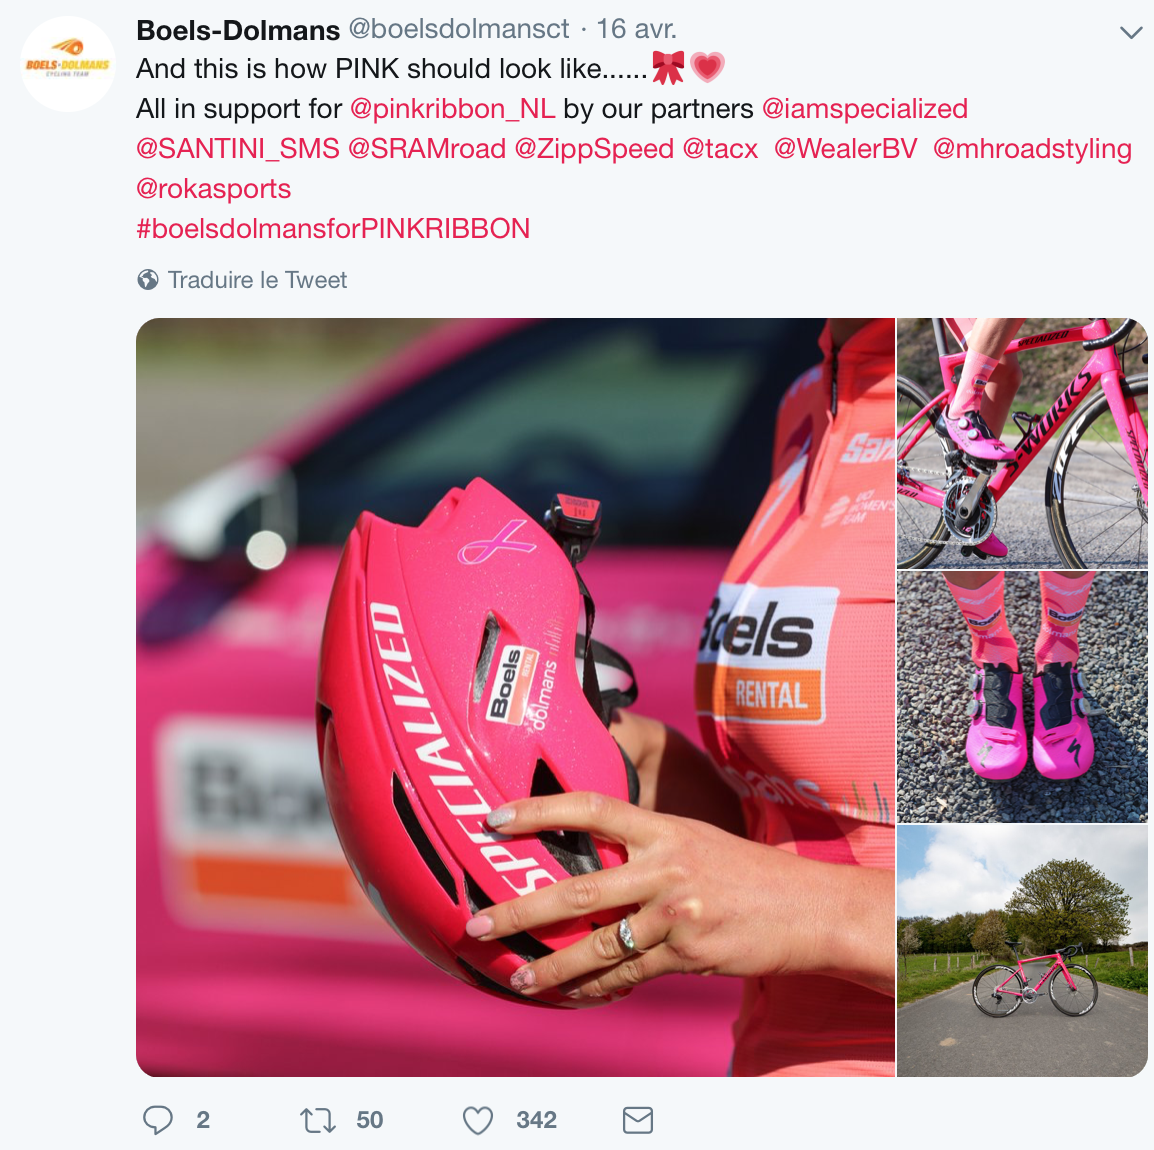 La Boels Dolmans en rose à l'Amstel